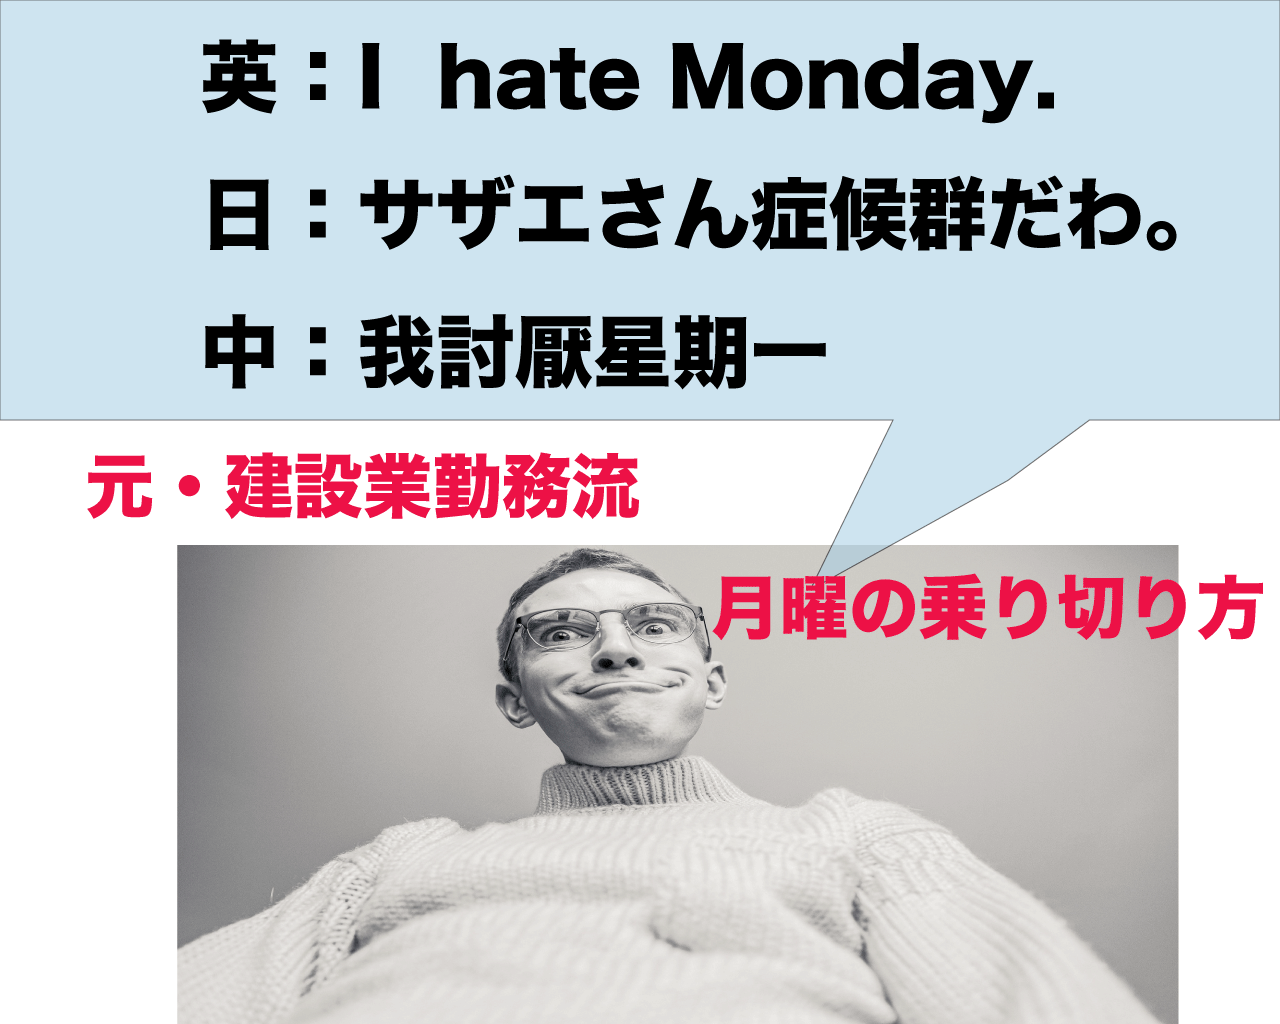 月曜日の乗り切り方